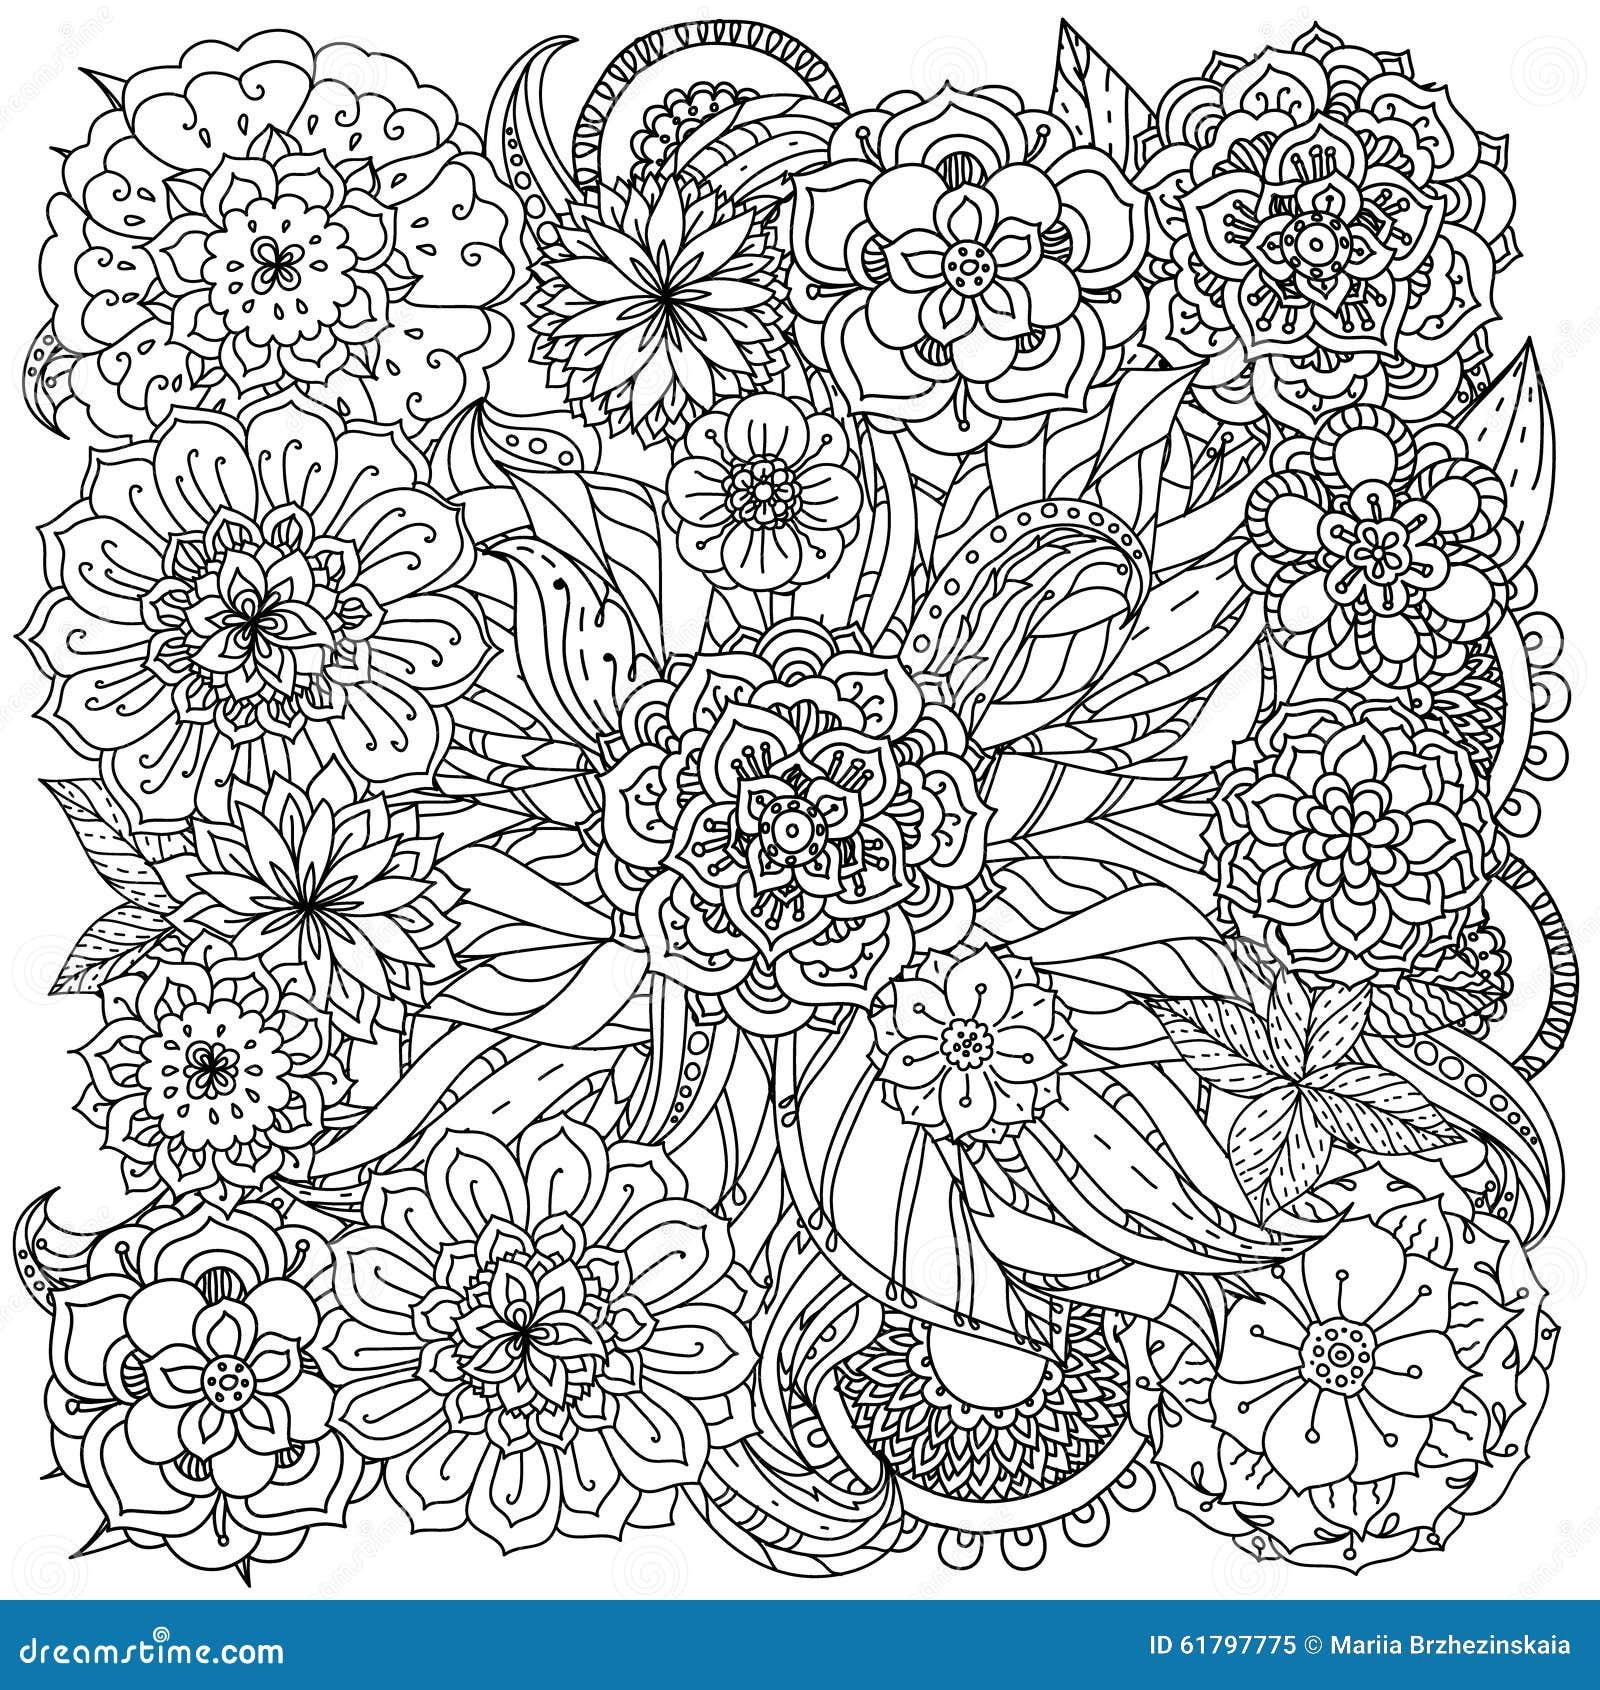 Per il libro da colorare illustrazione vettoriale - Libri da colorare di fiori ...